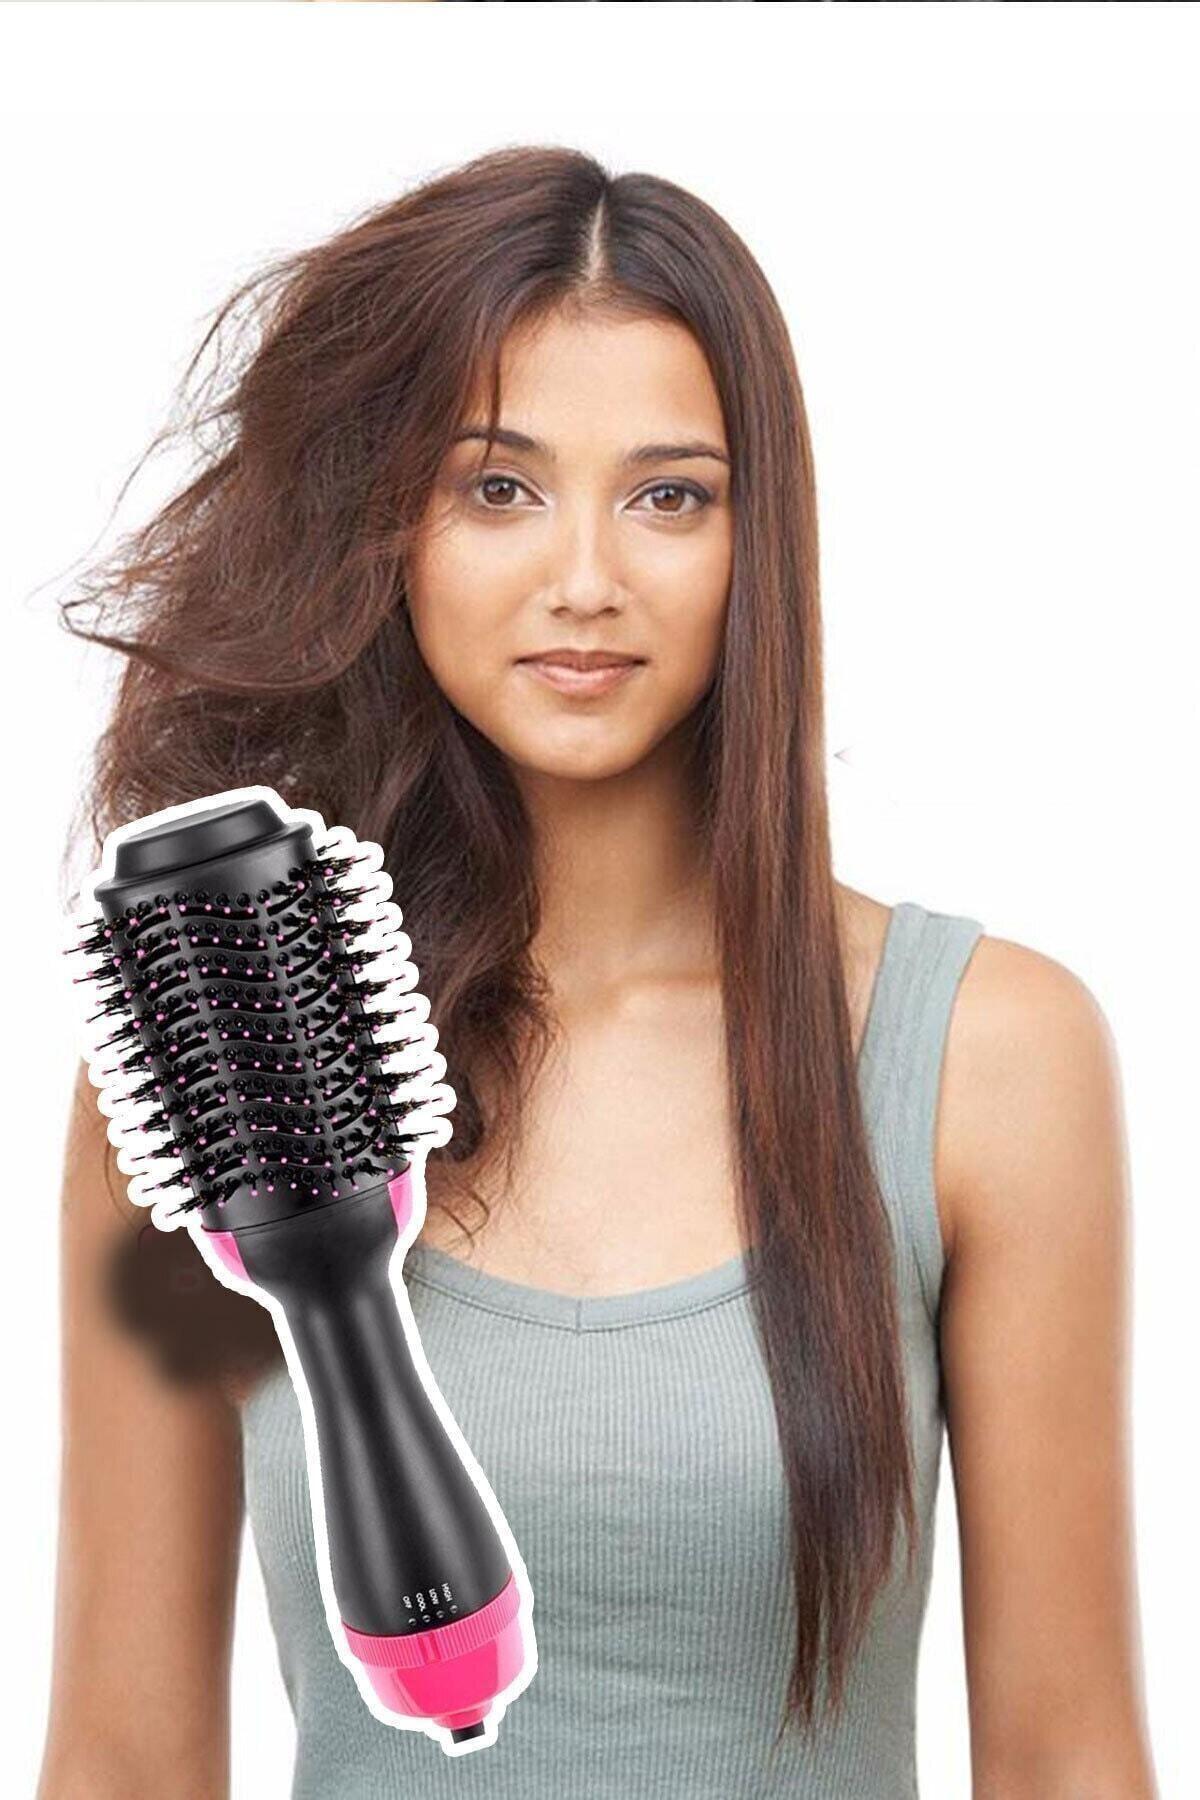 Trendmallar One Step Saç Düzleştirici Kurutmalı Fırça Tarak 1